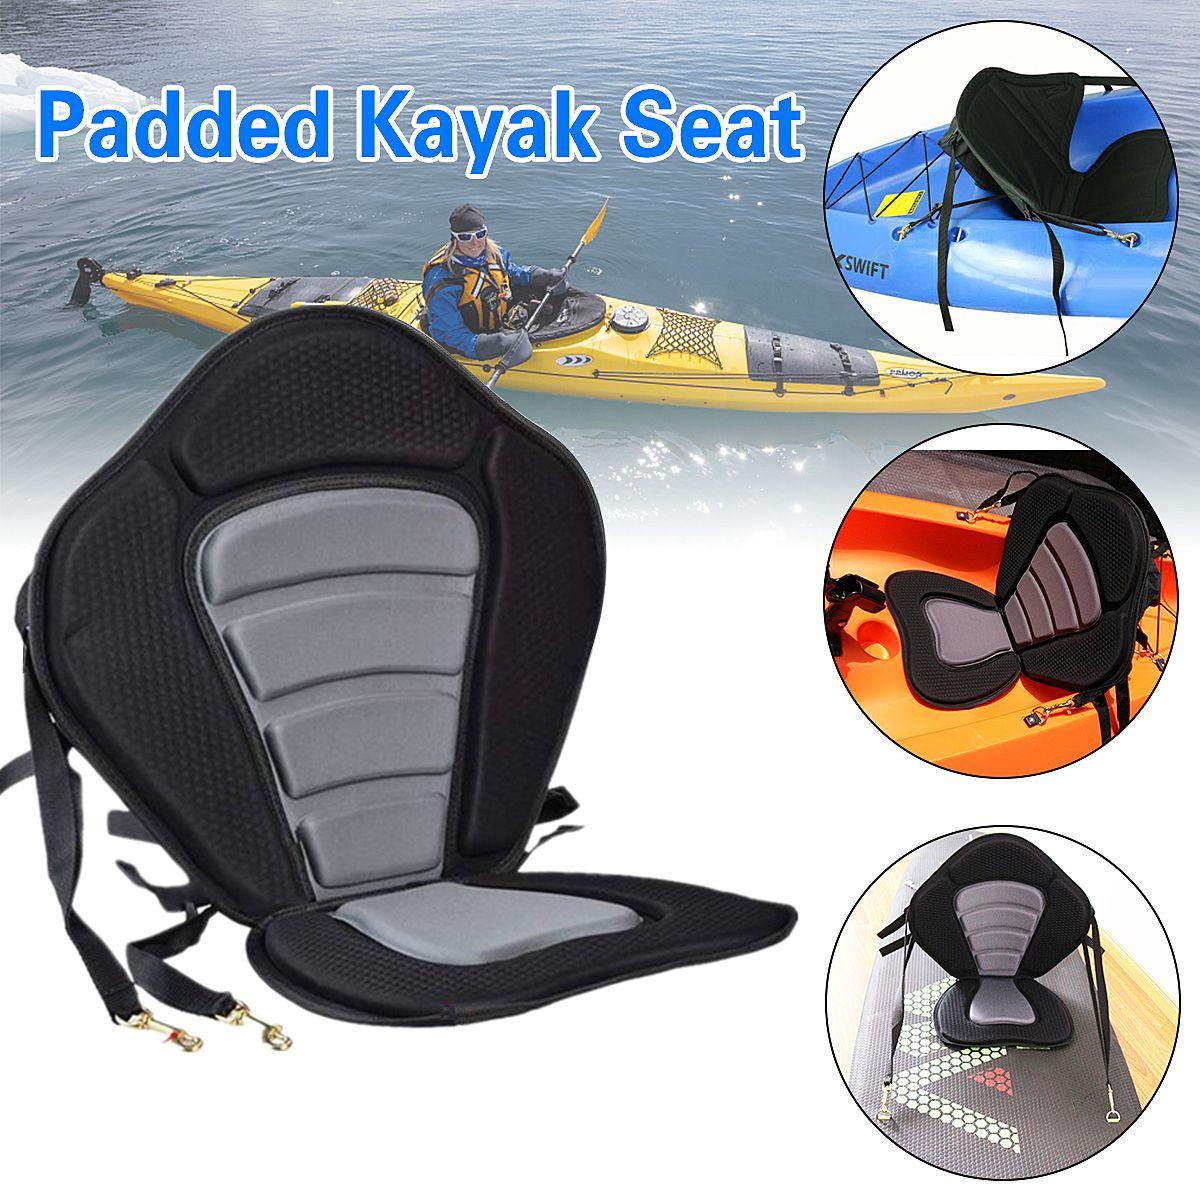 Kayak Cushion Deluxe Padded Kayak / Boat Seat Portable Soft Antiskid Padded Base Adjustable High Backrest Back Cushion Canoe